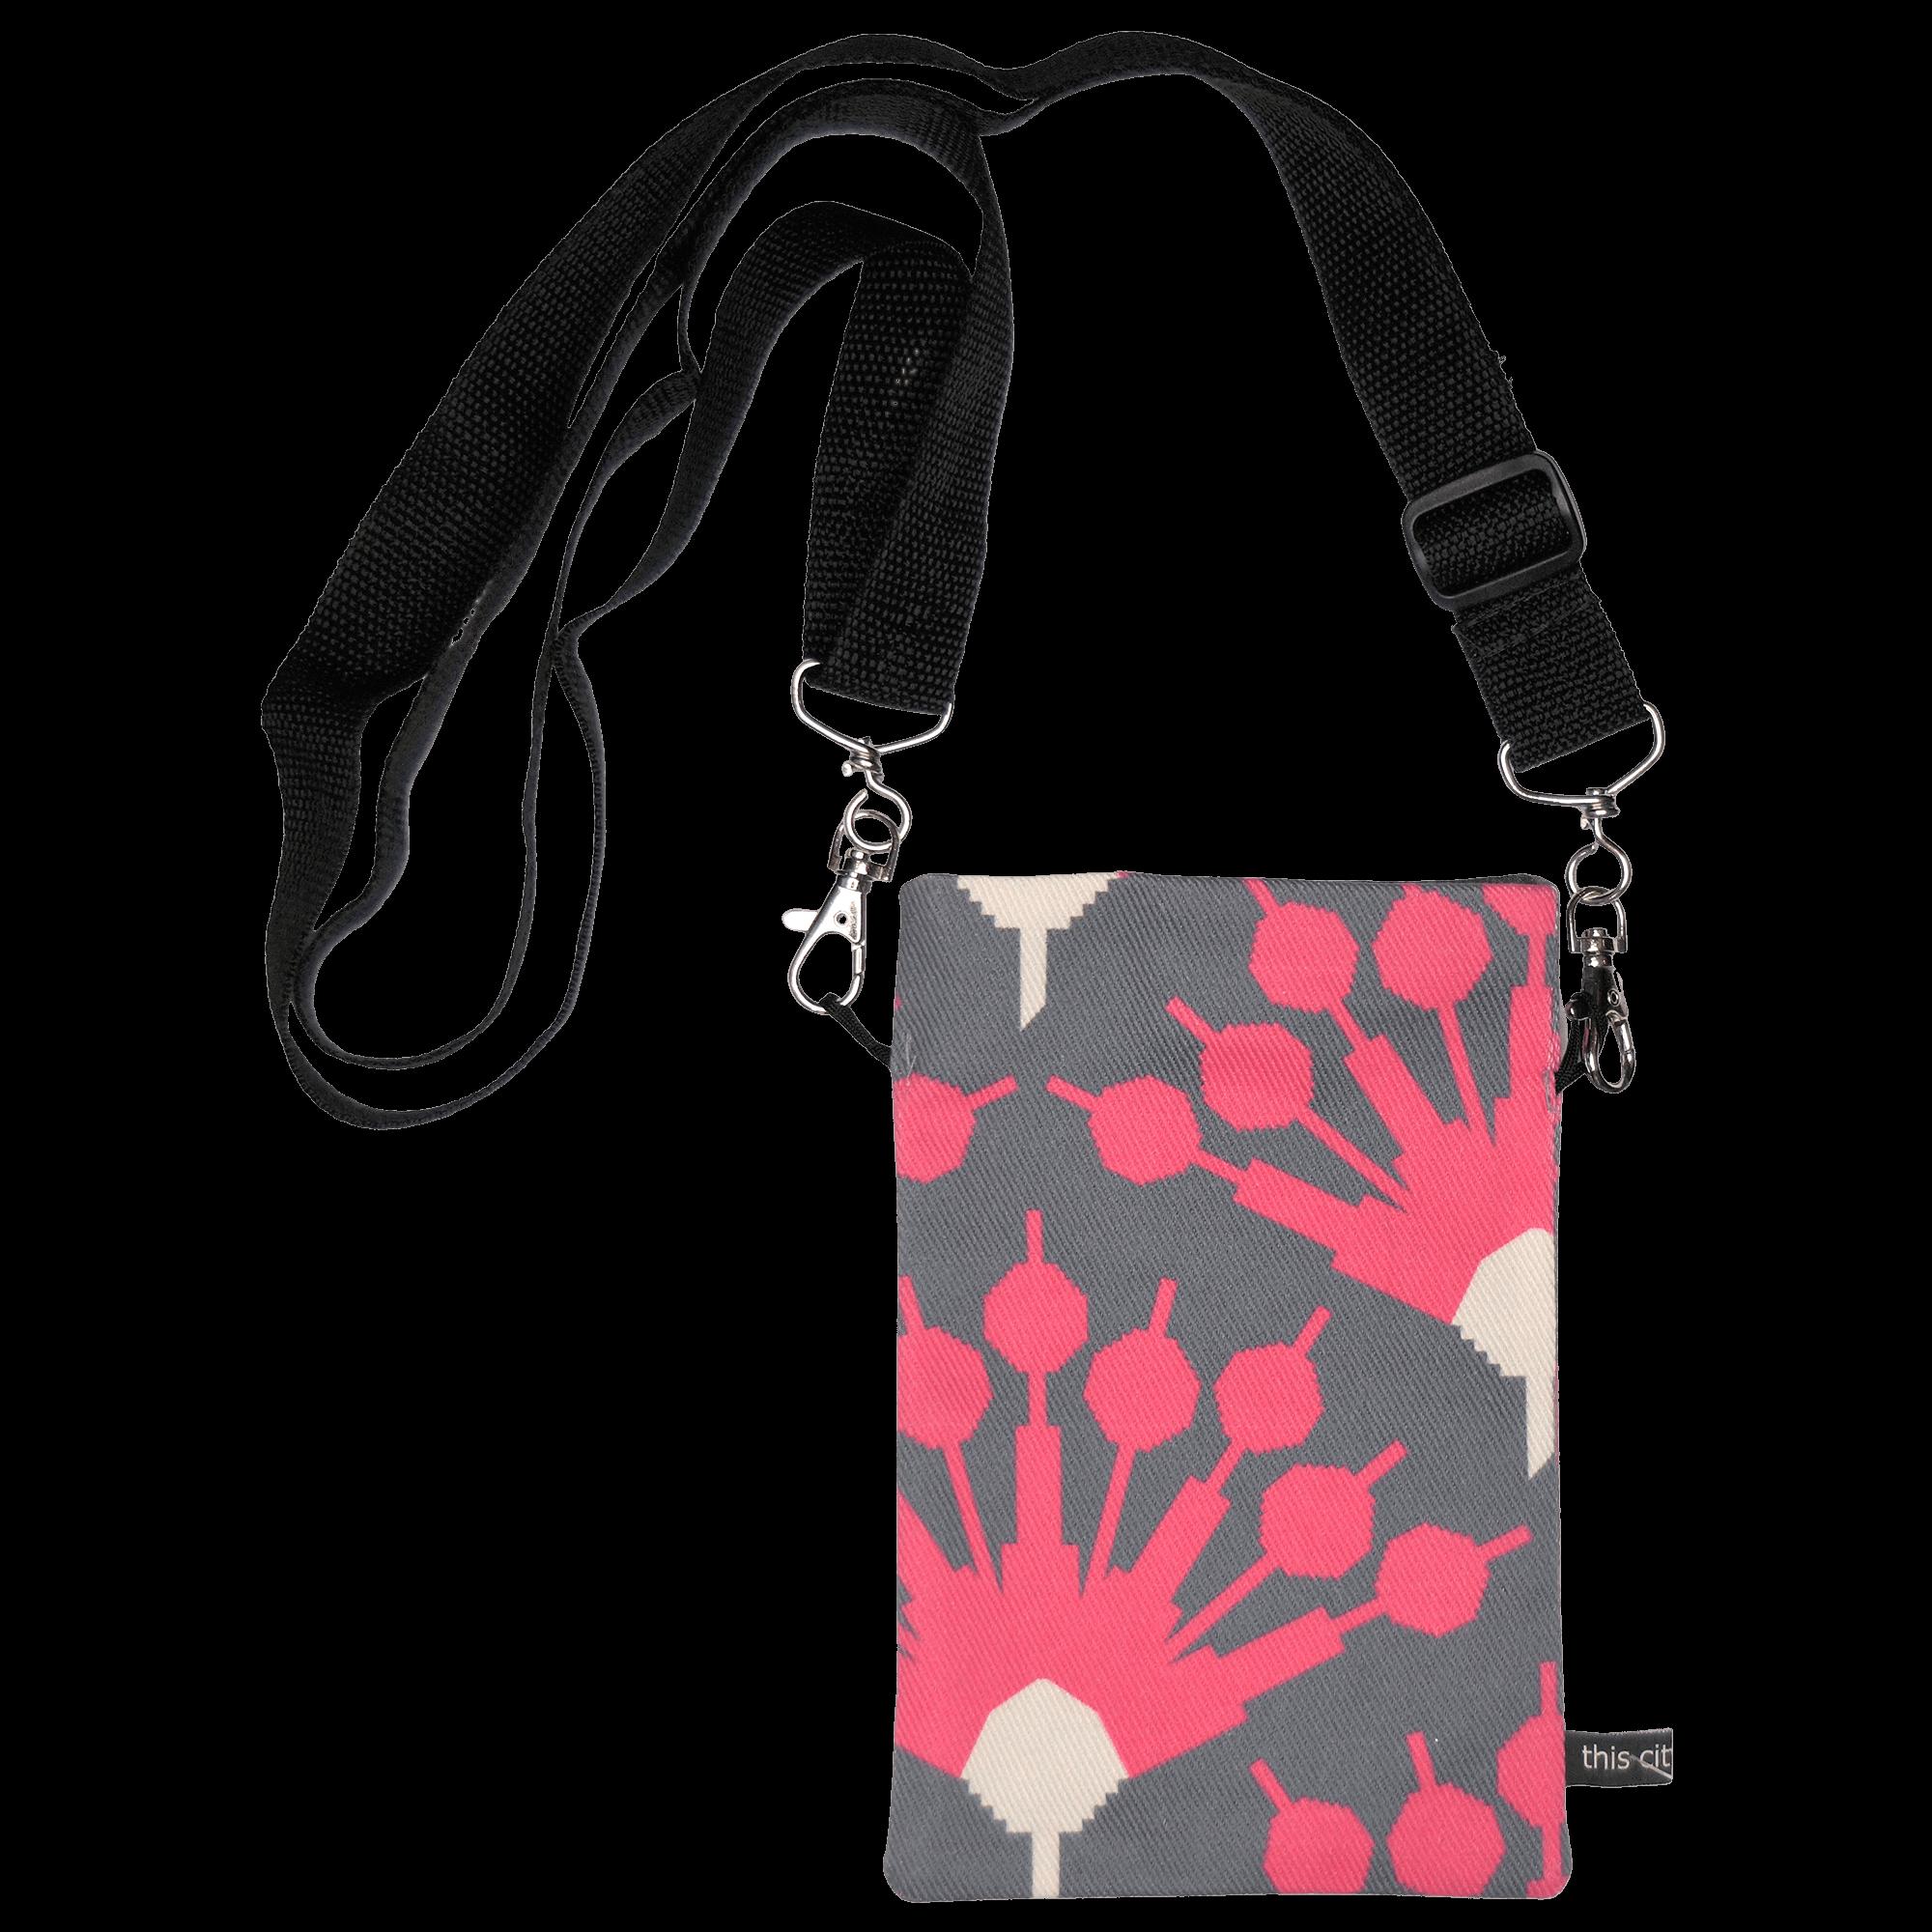 Handytasche zum Umhängen Blumenmuster grau/pink